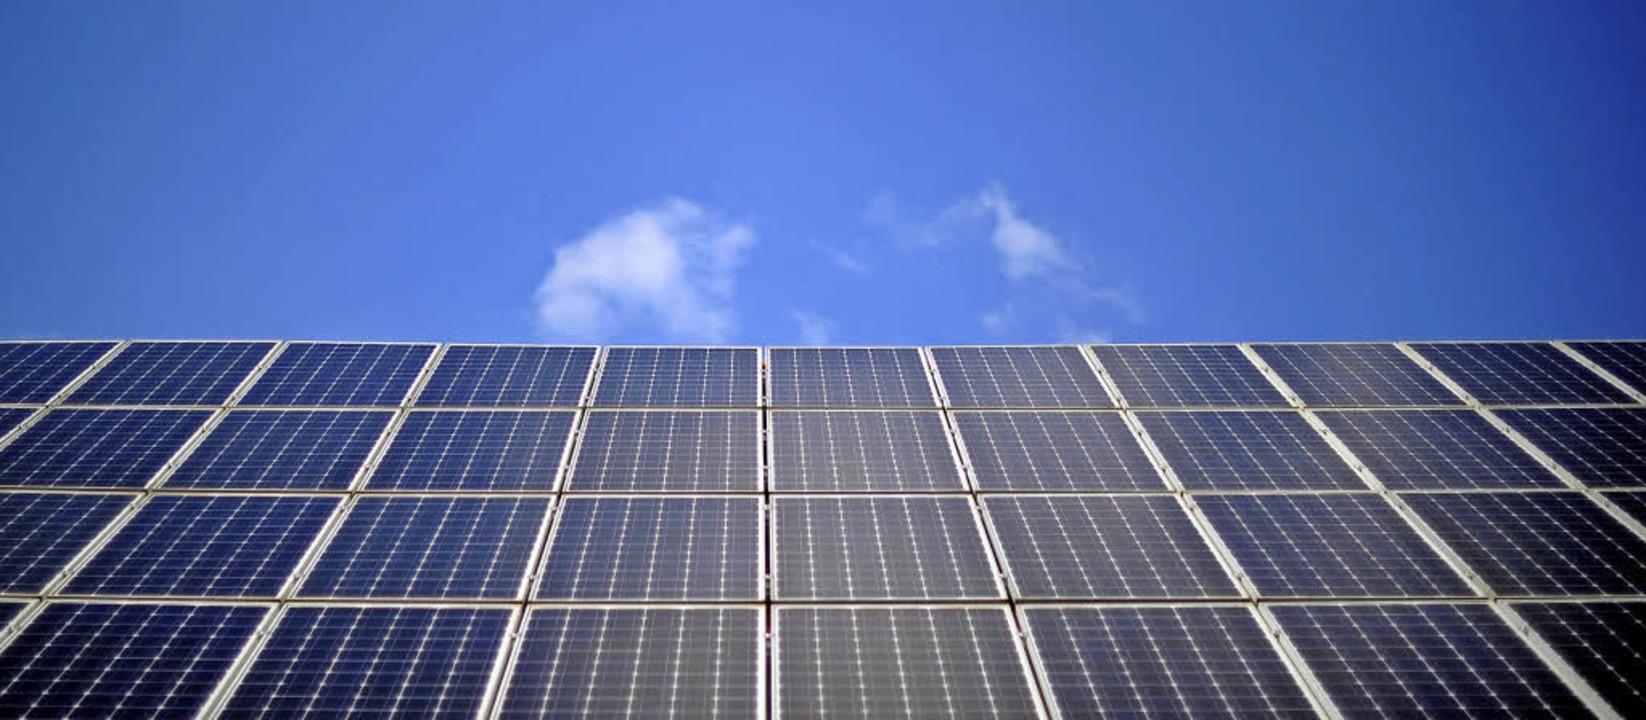 Energie aus der Sonne ist momentan das wichtigste Standbein für die BEGS  | Foto: Dpa